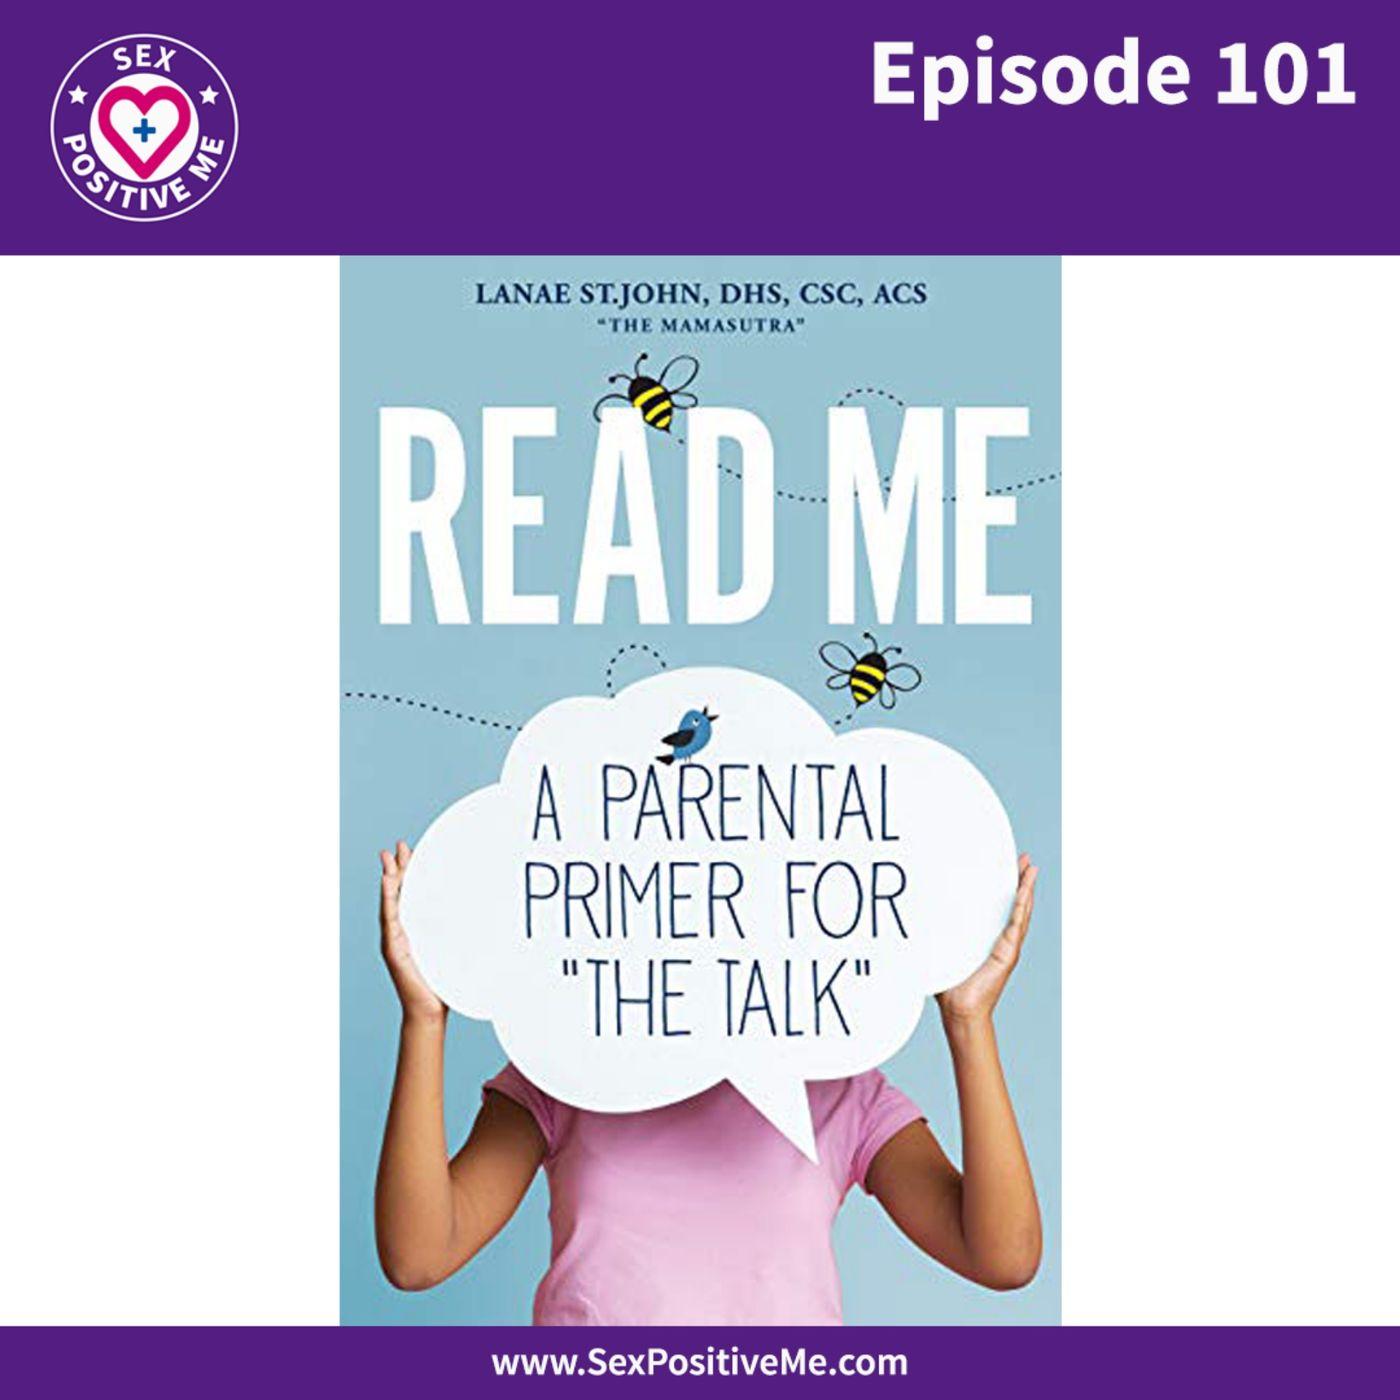 Sex Positive Me - E101: READ ME: A Parental Primer For THE TALK